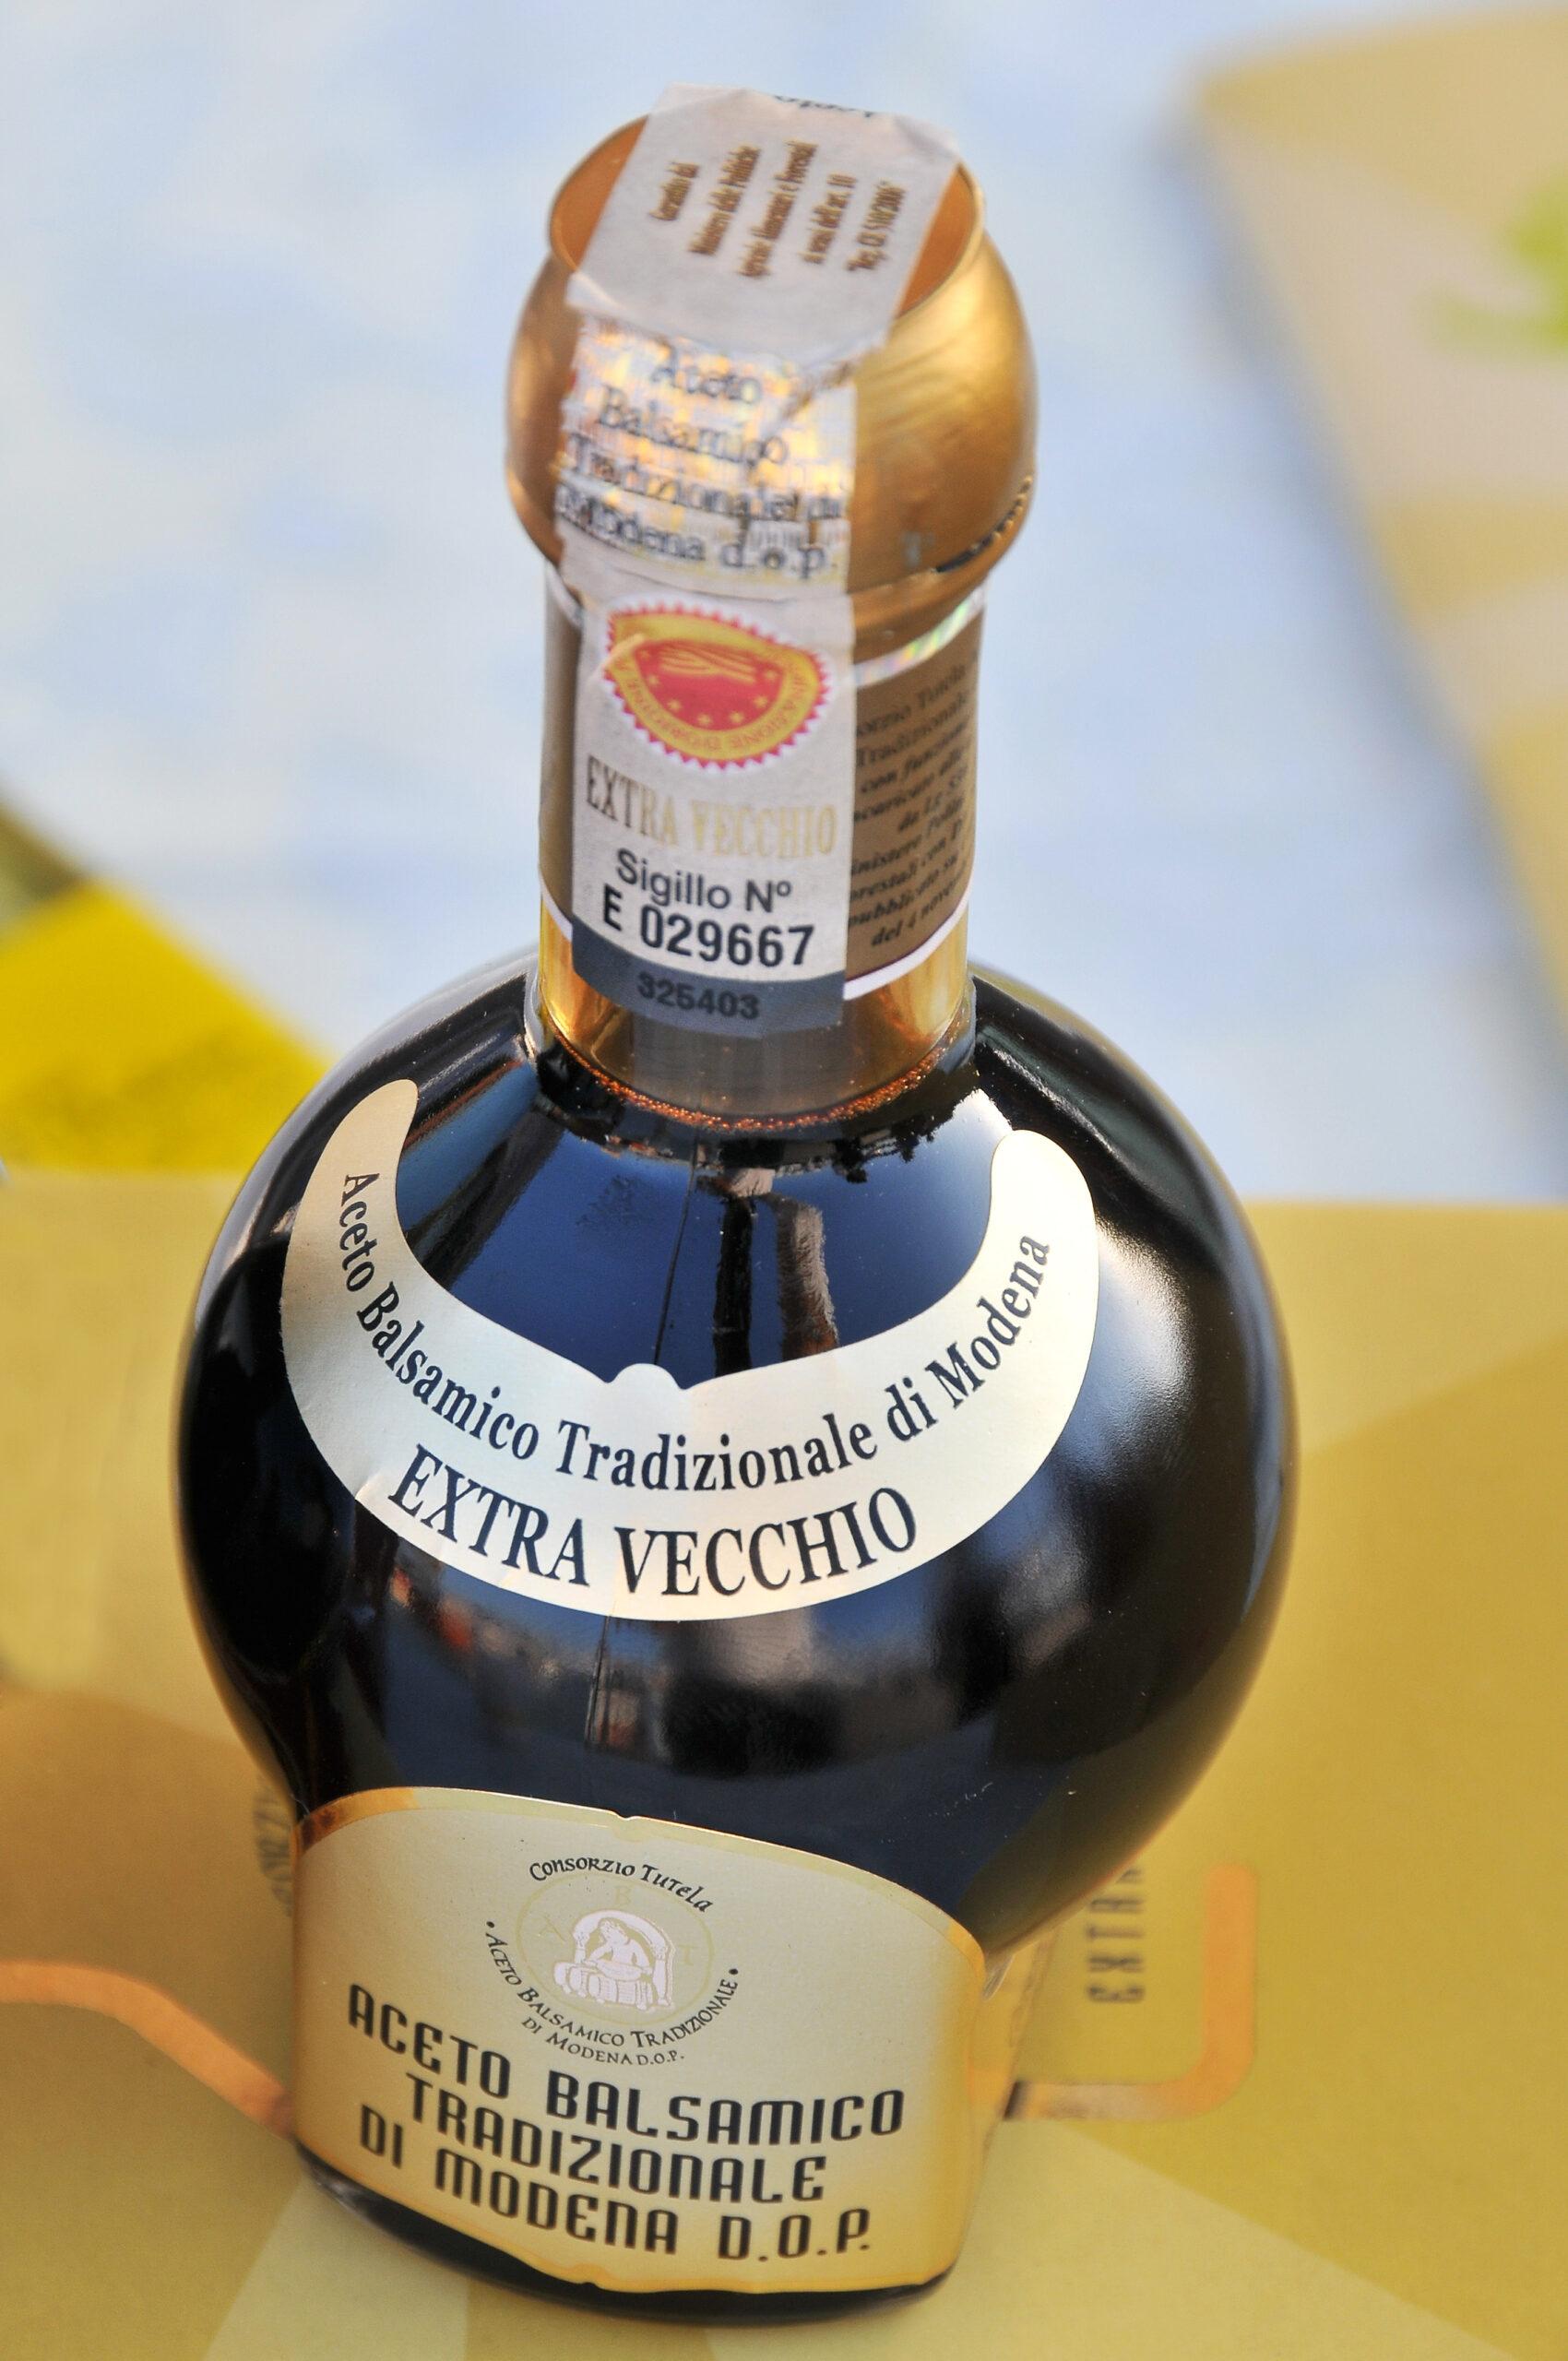 ITKAM: Aceto Balsamico Tradizionale di Modena DOP